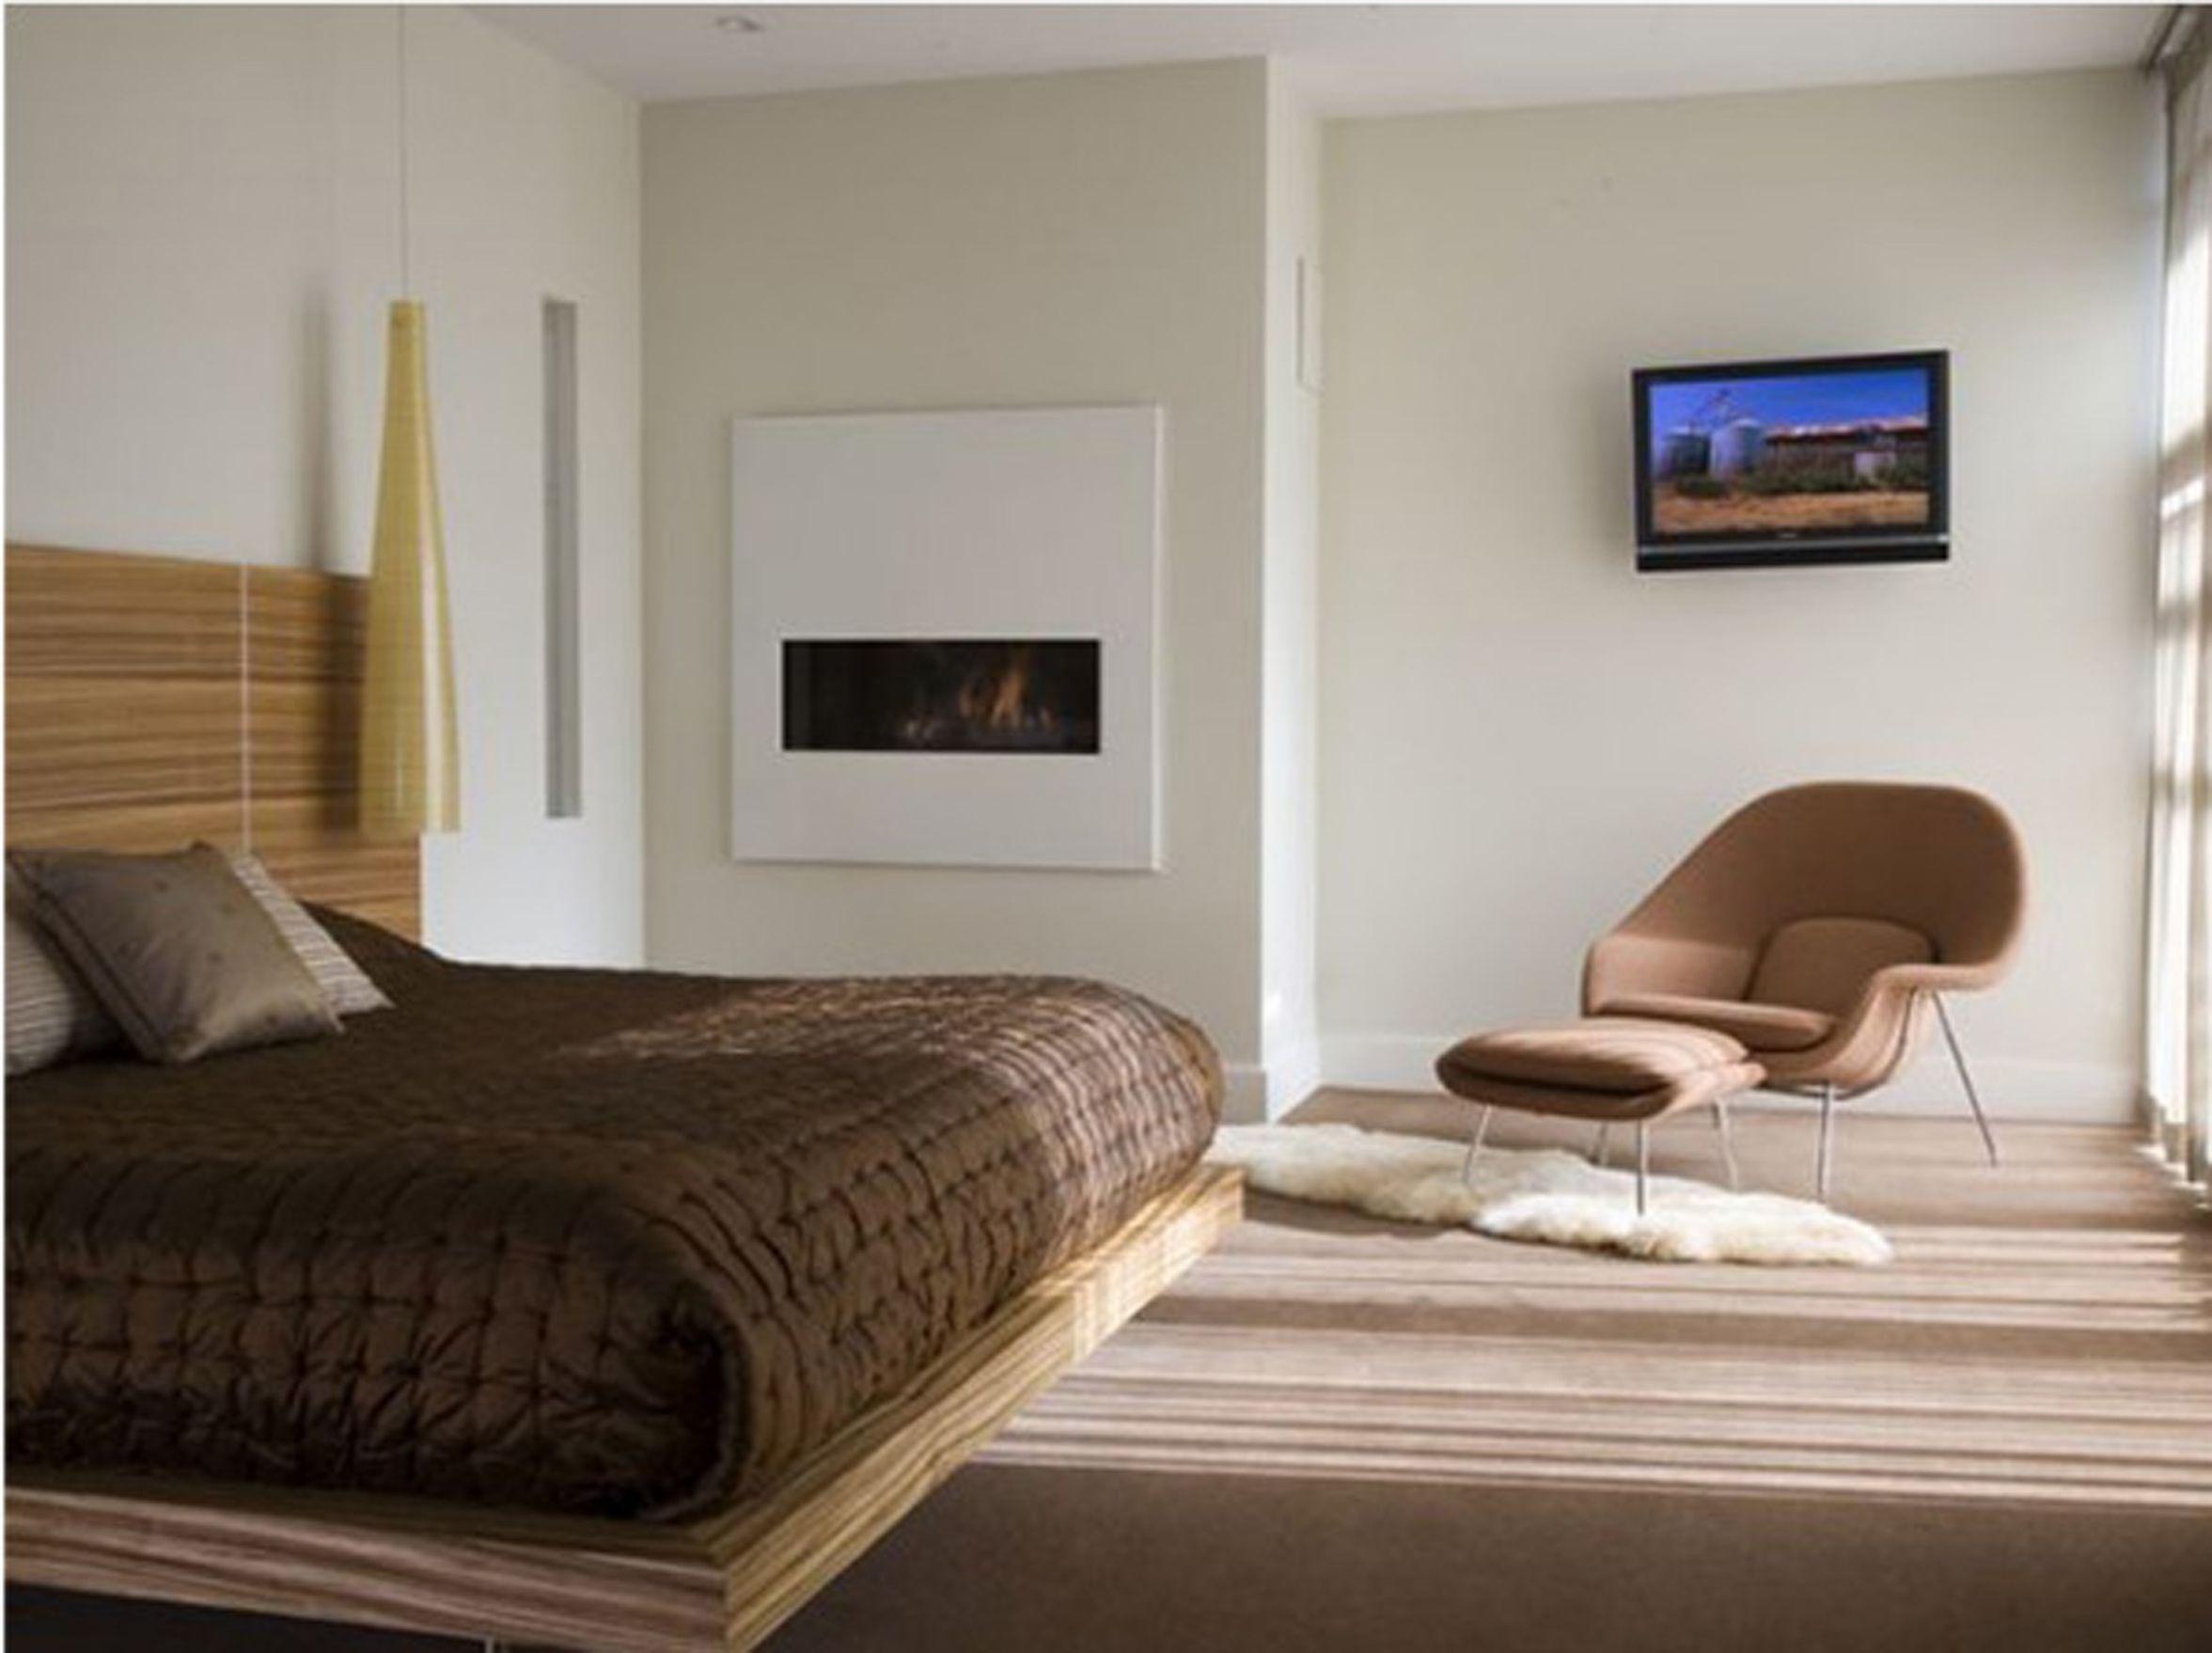 bedroom furniture design ideas bedroom paint designs ideas interior design for bedrooms ideas #Bedrooms